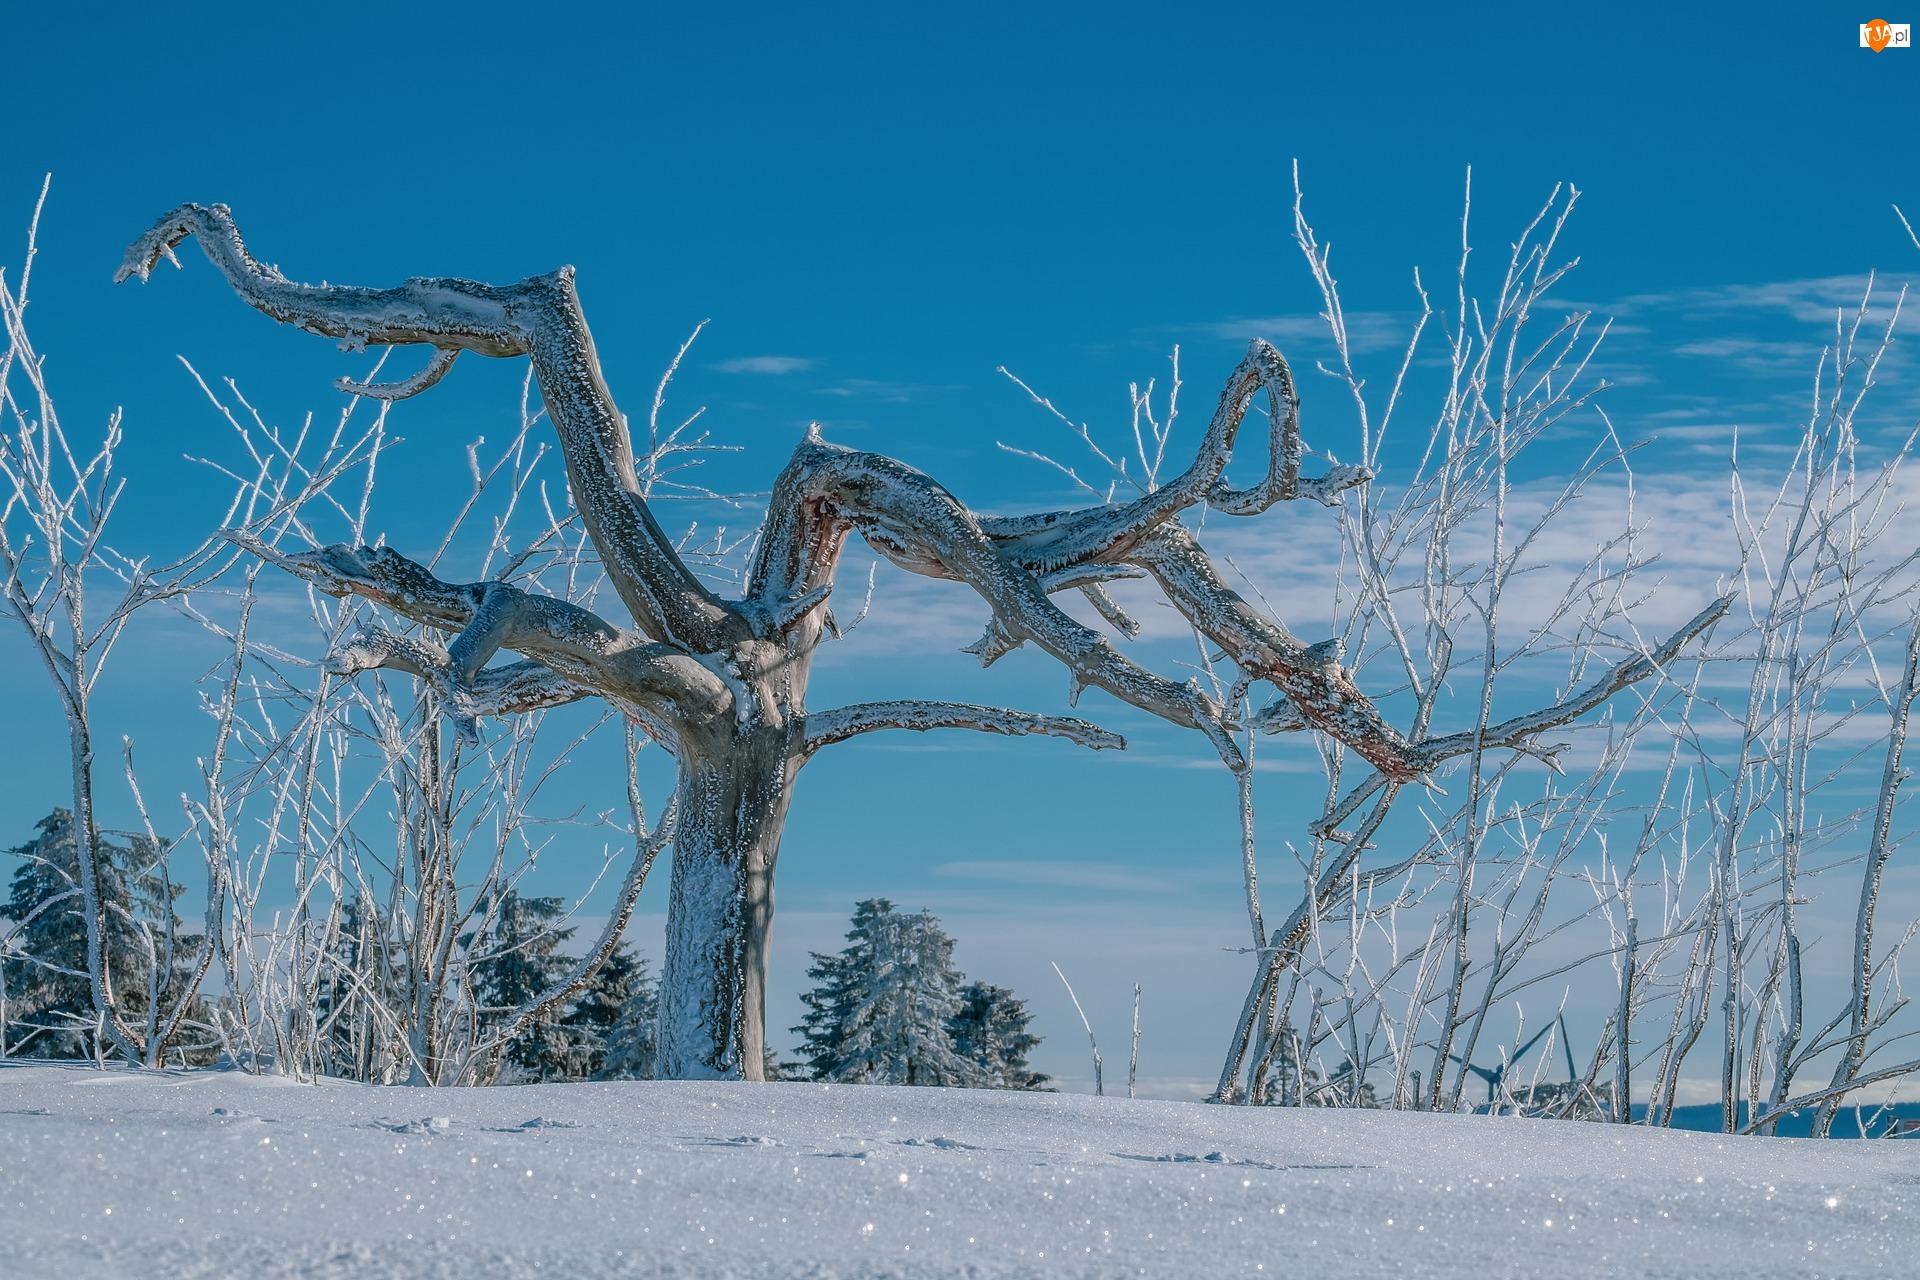 Oszronione, Gałęzie, Śnieg, Zima, Drzewa